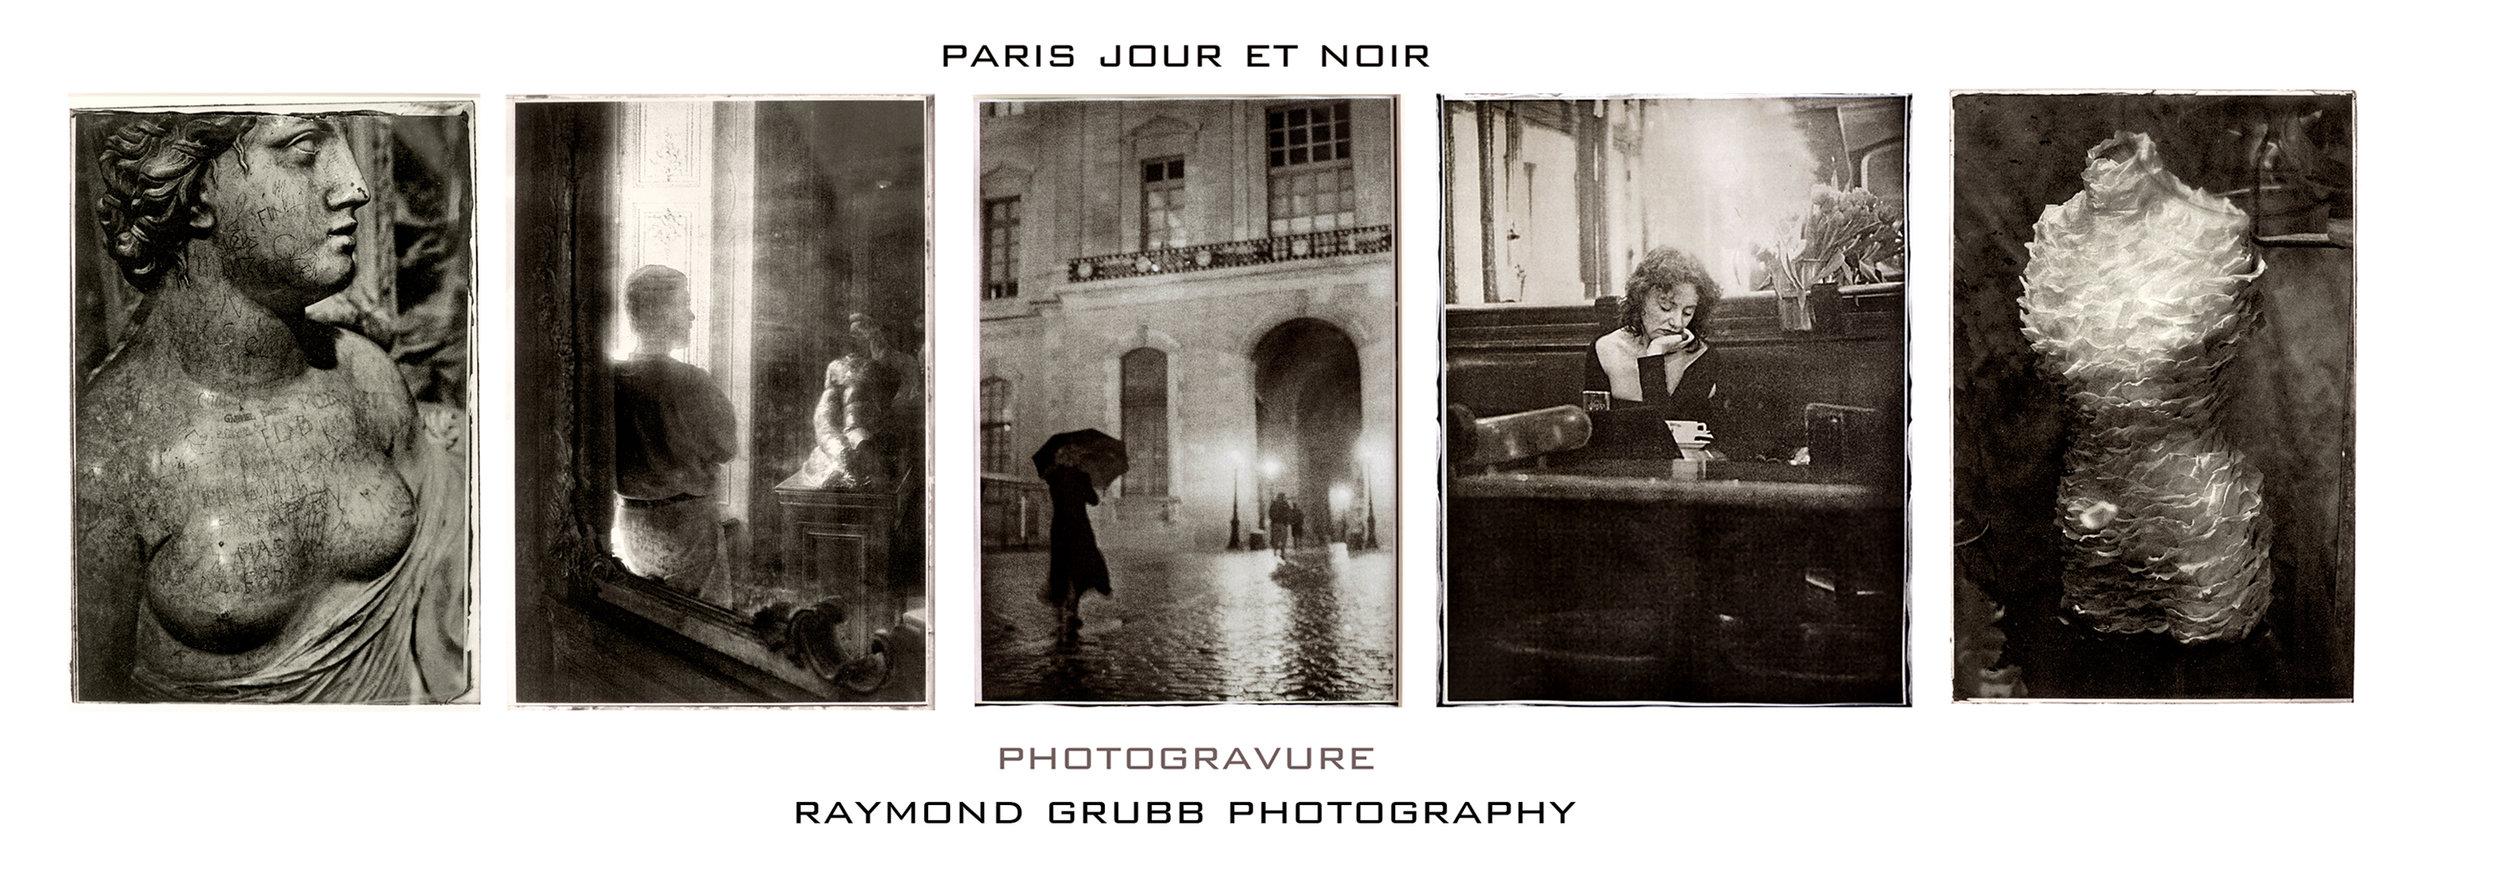 Paris Jour et Noir photogravure card